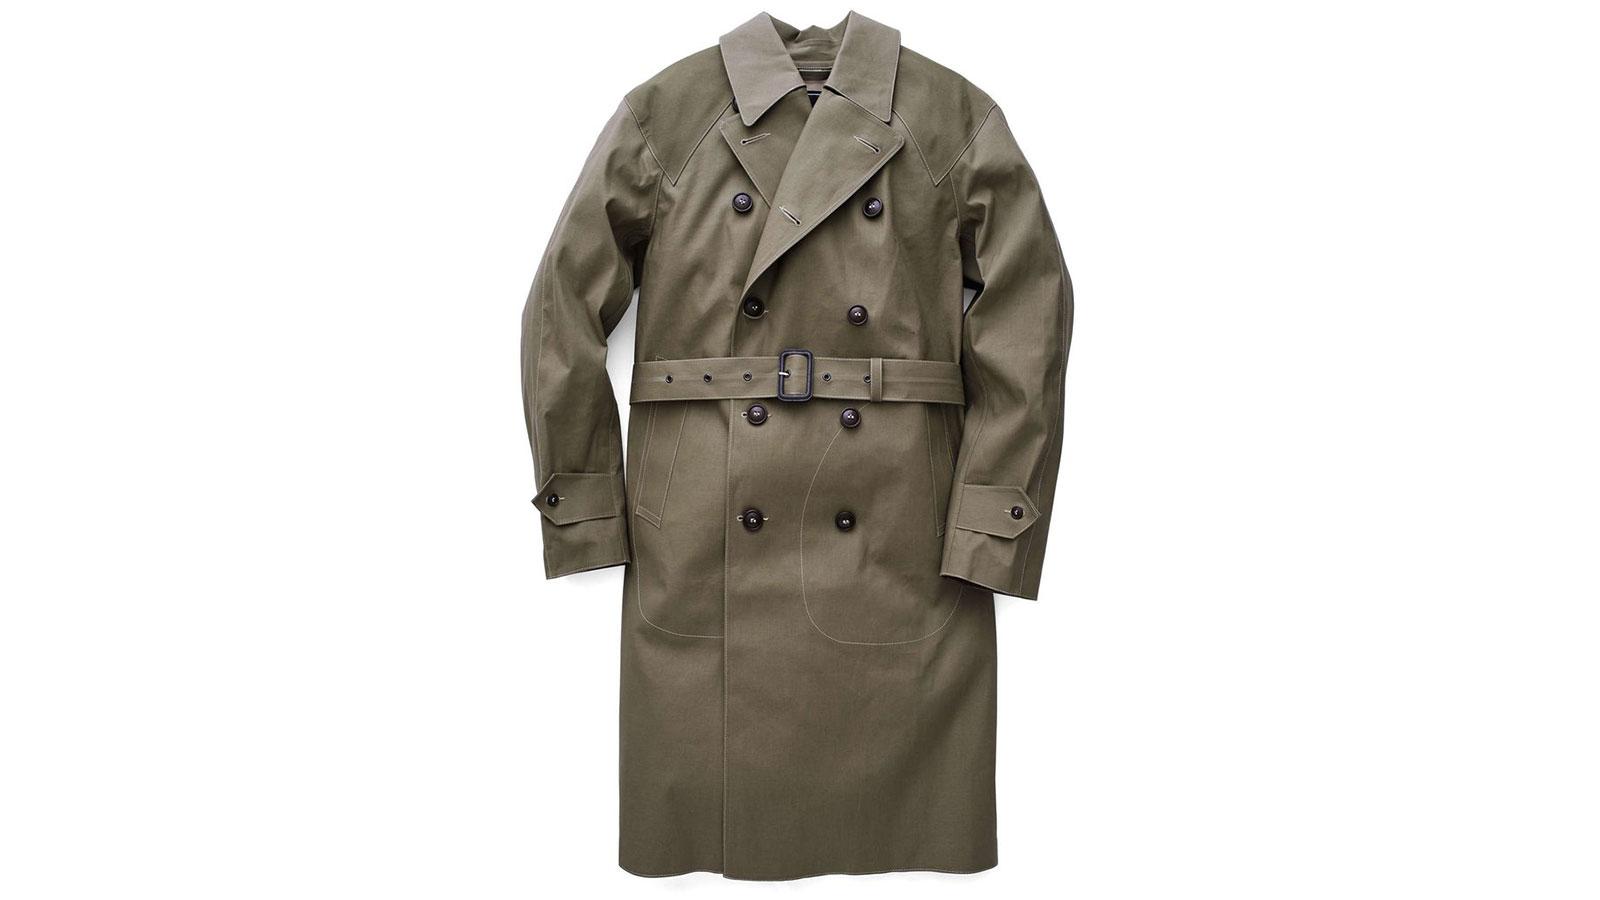 Todd Snyder Men's Trench Coats | The Best Men's Trench Coats